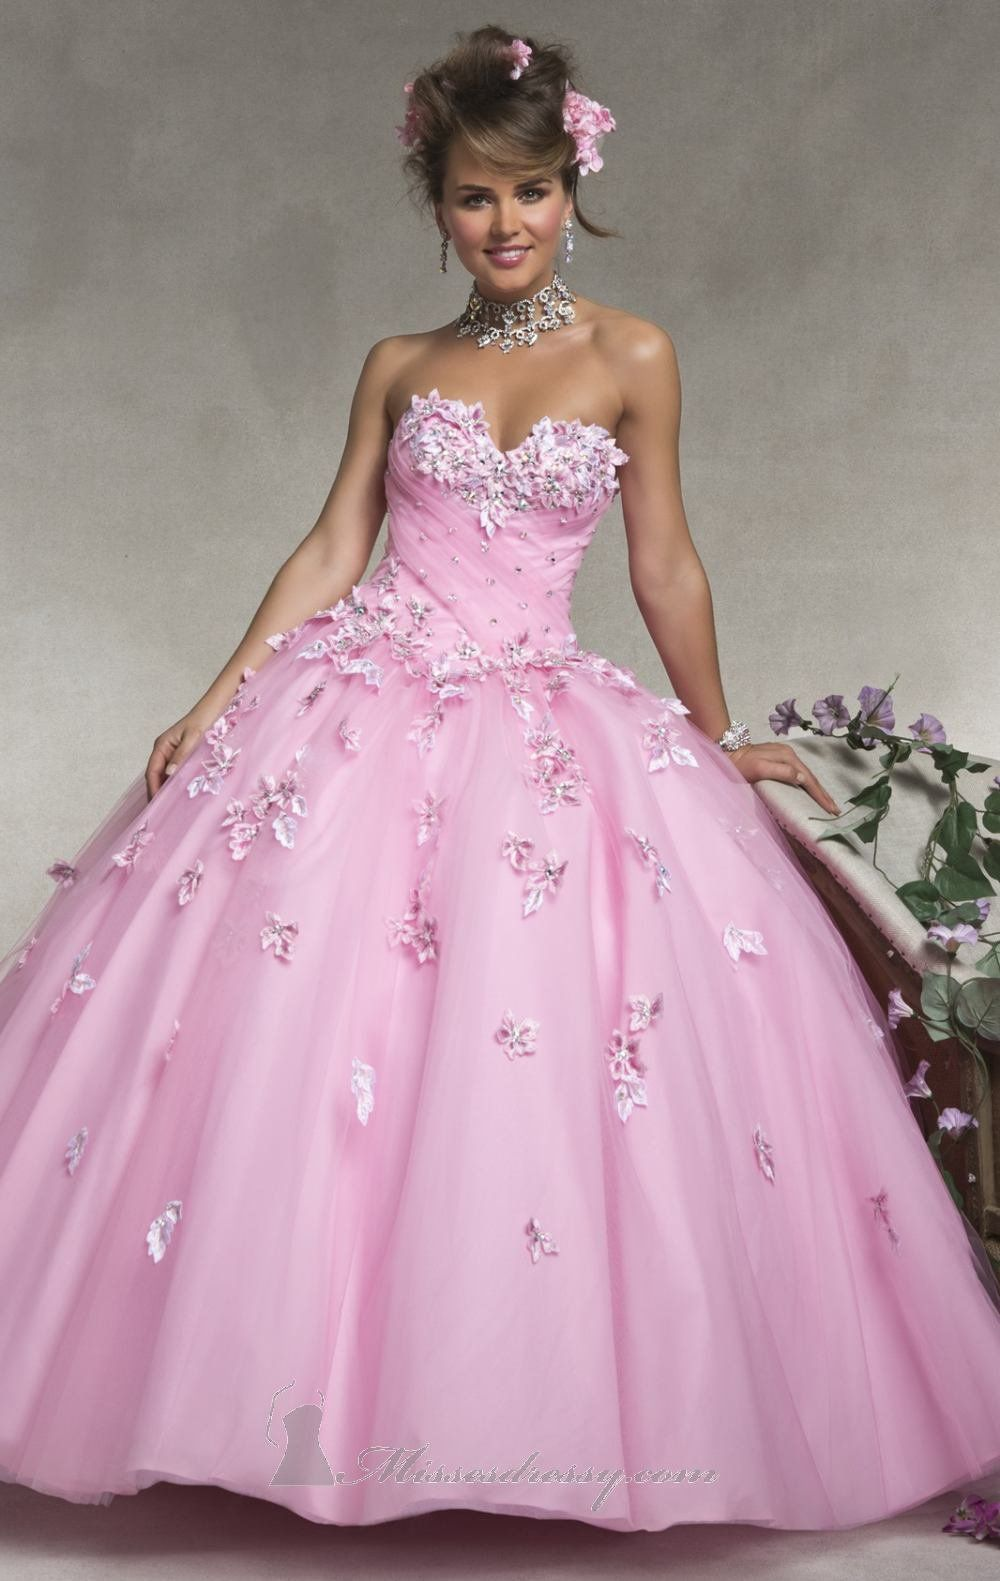 ♥Kalei\'s prom 2014 | Quinceañeras | Pinterest | Quinceañera ...